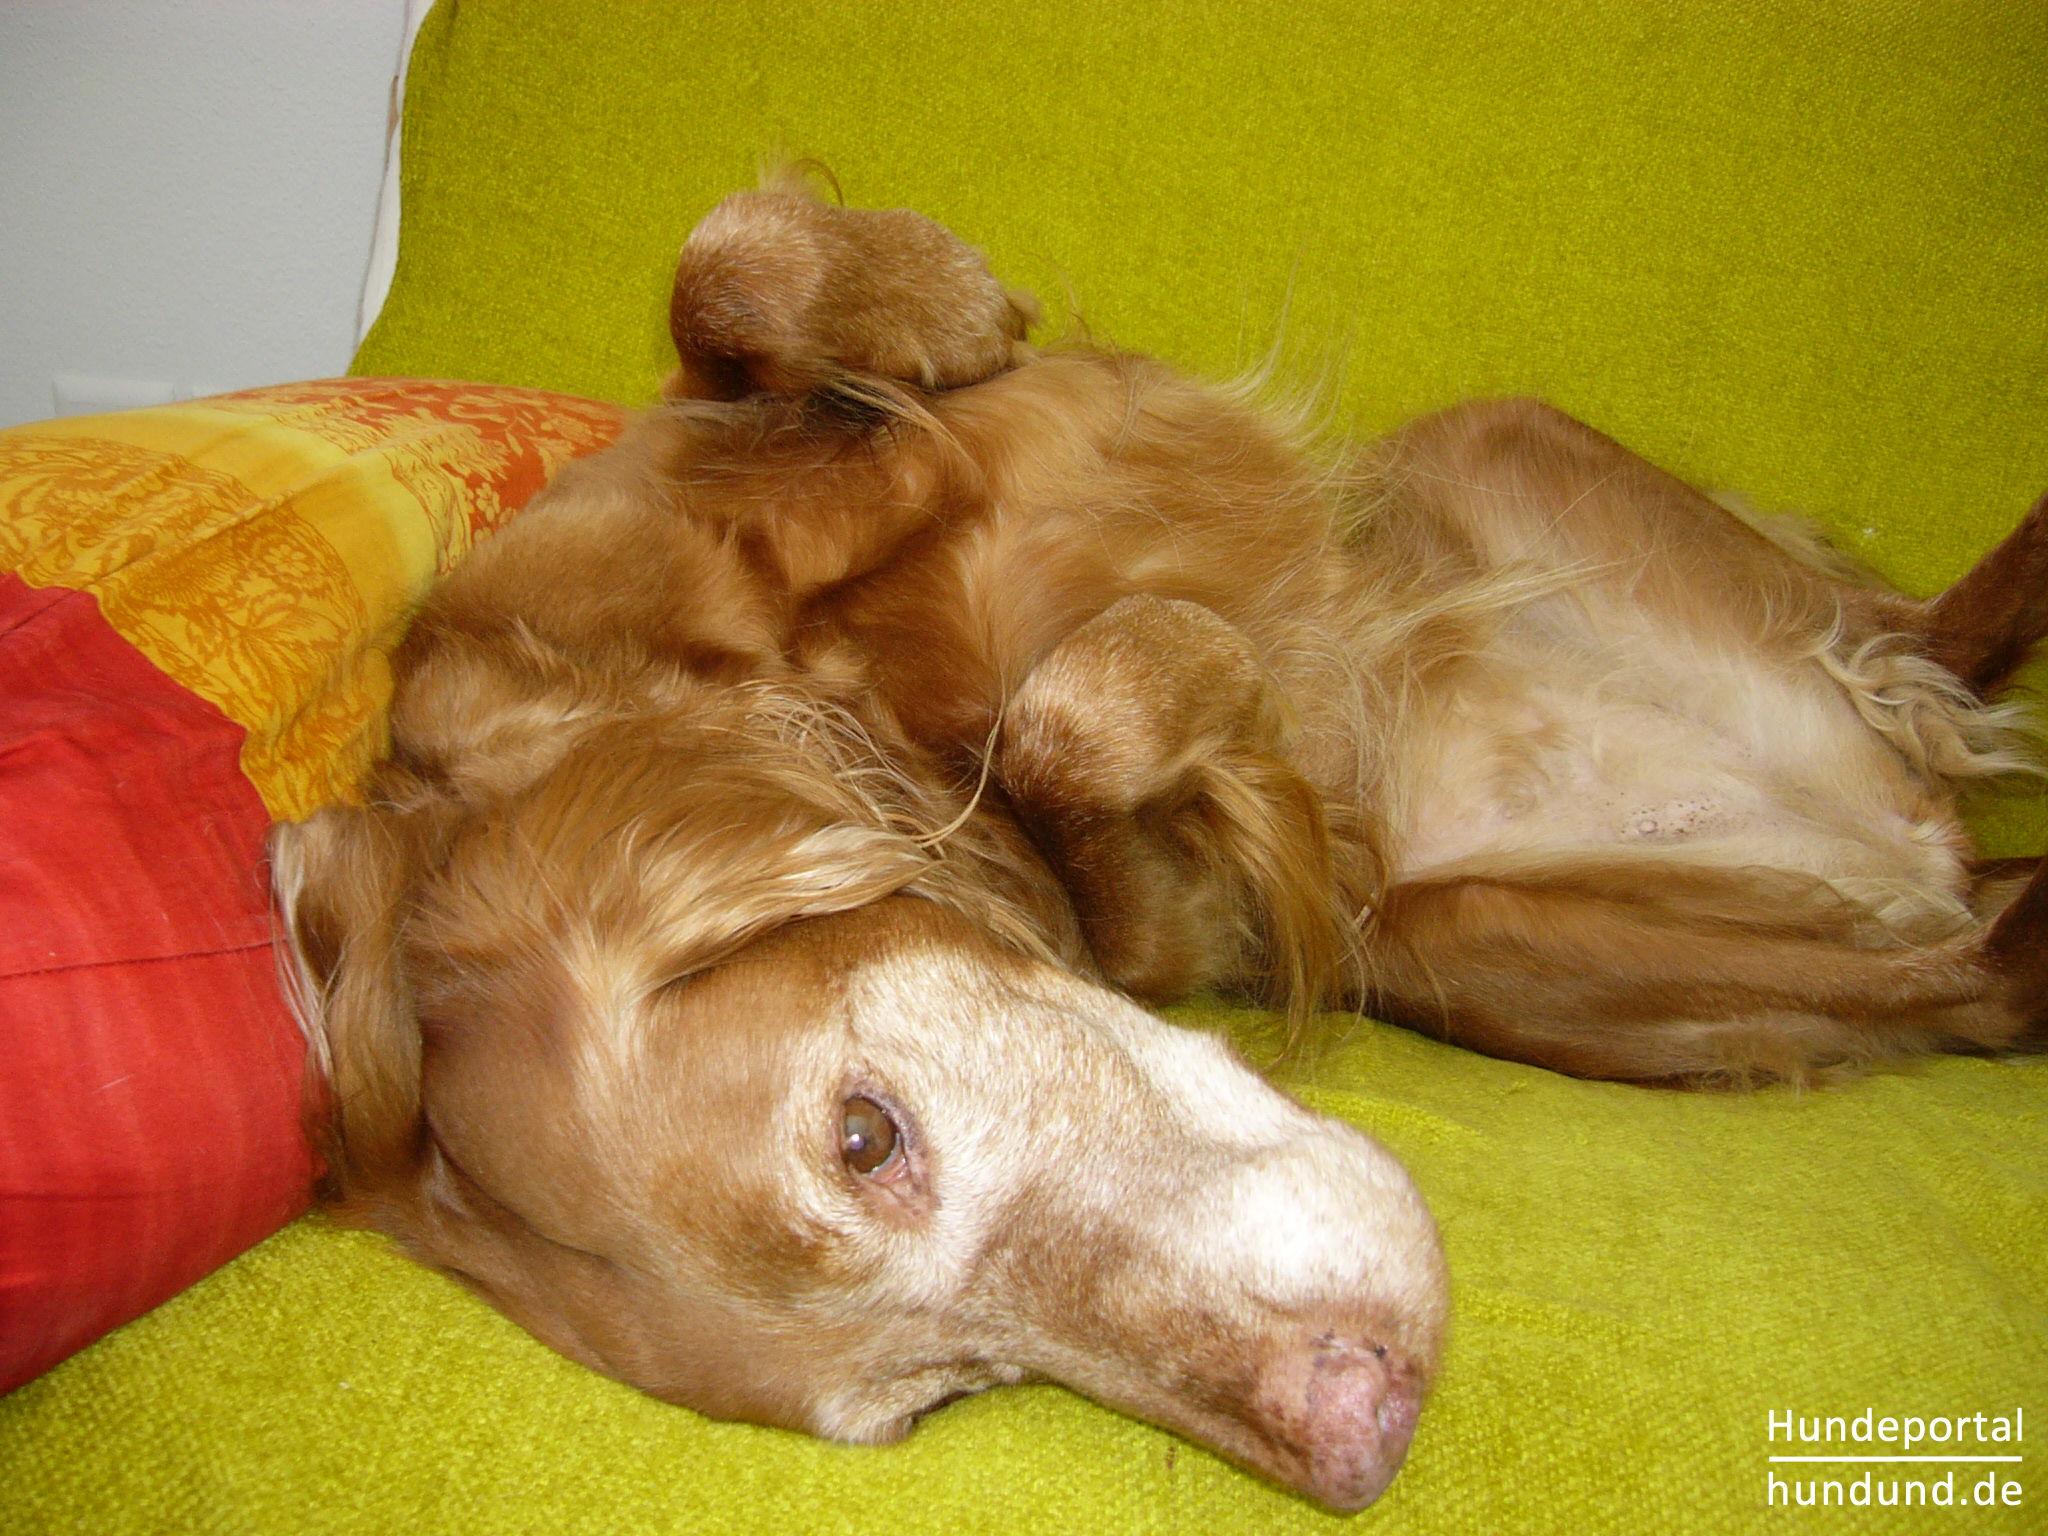 kurzhaariger ungarischer vorstehhund magyar vizsla foto 46300. Black Bedroom Furniture Sets. Home Design Ideas